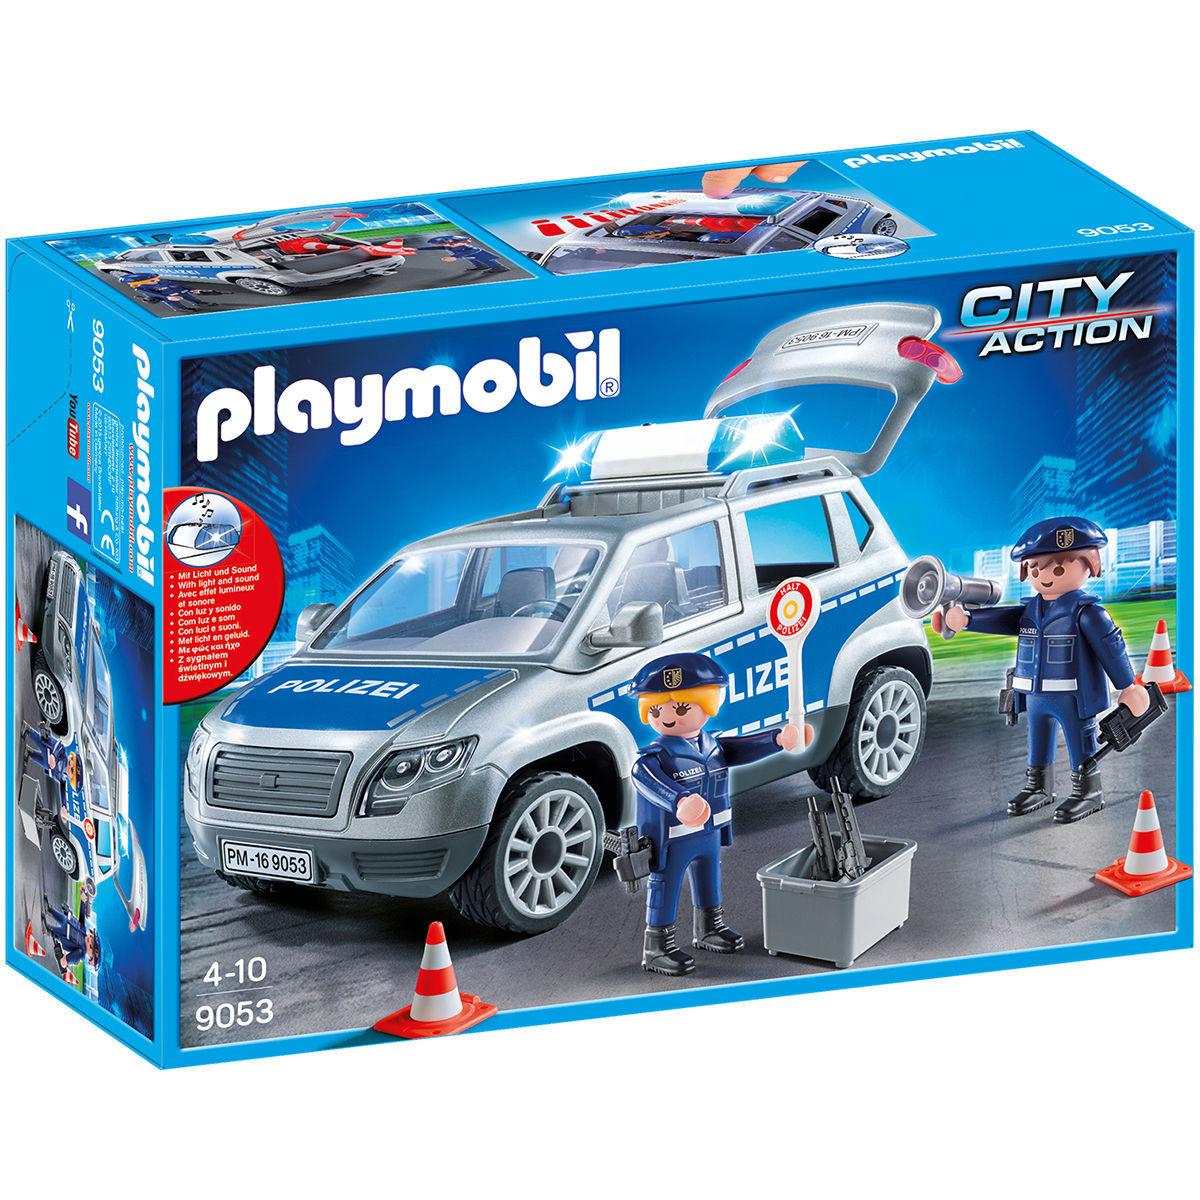 PLAYMOBIL® City Action 9053 Polizei-Geländewagen mit Licht und Sound im Karstadt Sale